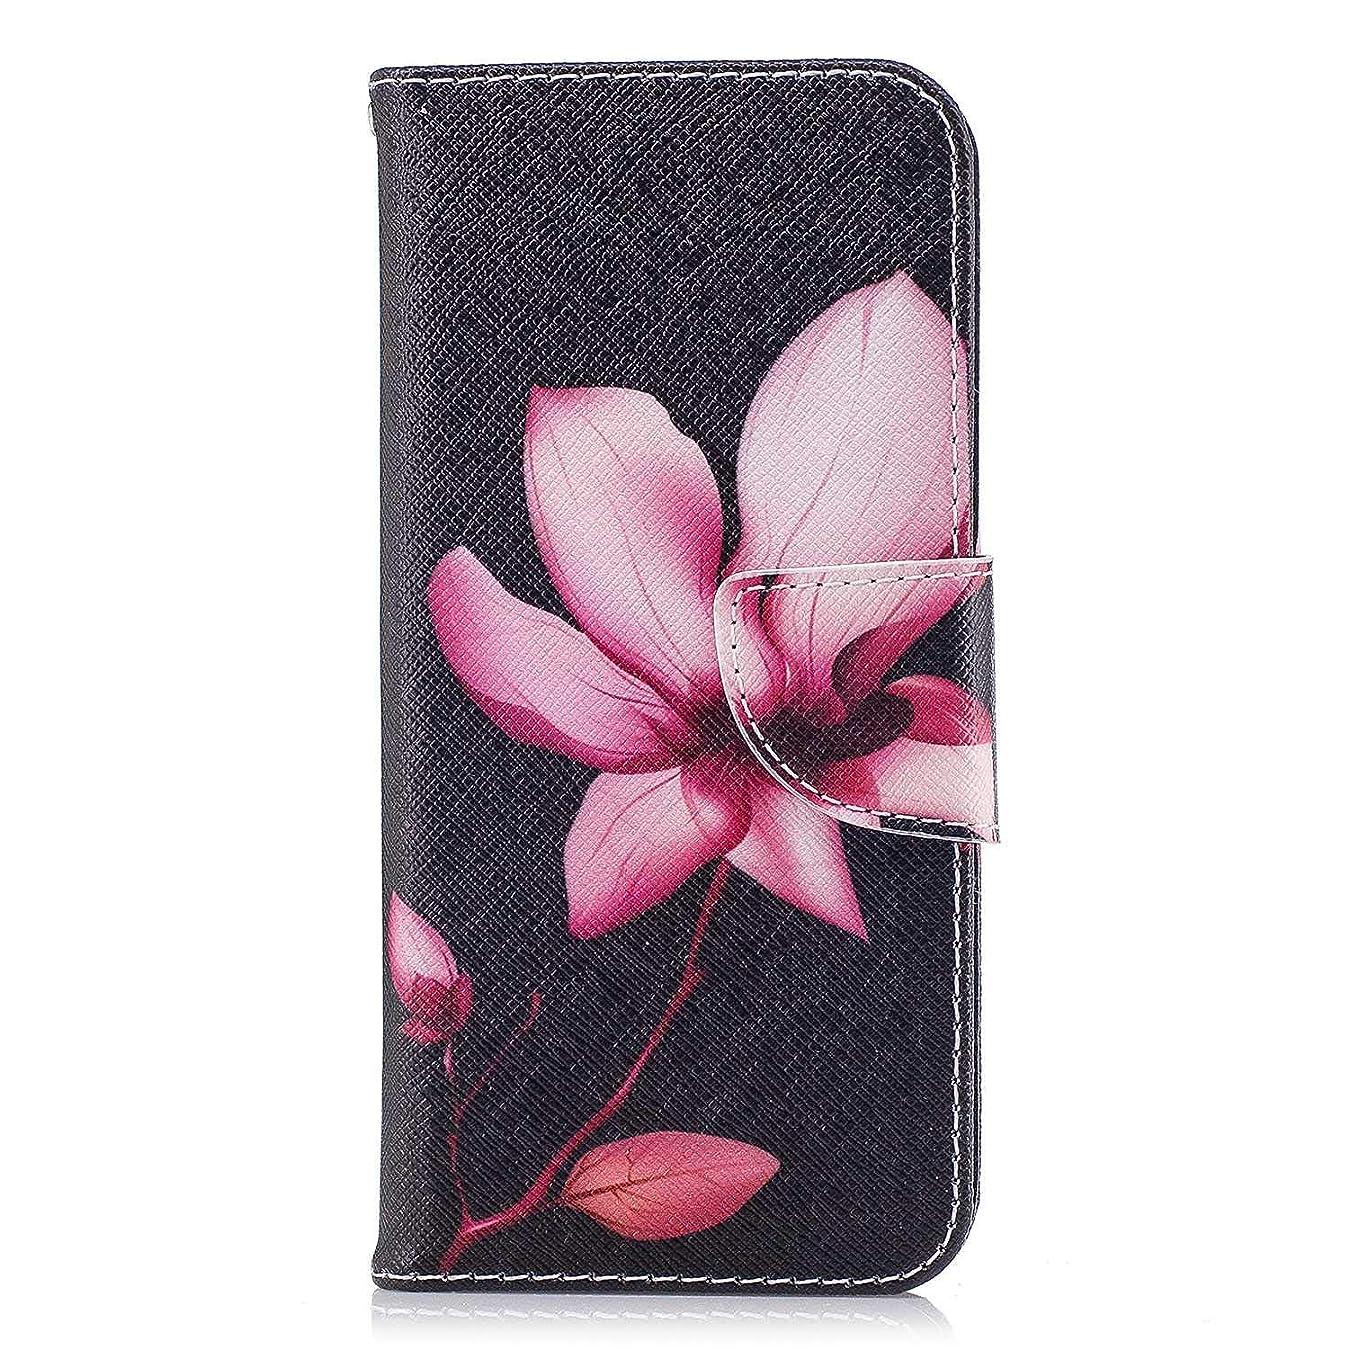 関係する研究倉庫OMATENTI Galaxy S9 ケース, ファッション人気 PUレザー 手帳 軽量 電話ケース 耐衝撃性 落下防止 薄型 スマホケースザー 付きスタンド機能, マグネット開閉式 そしてカード収納 Galaxy S9 用 Case Cover, 花